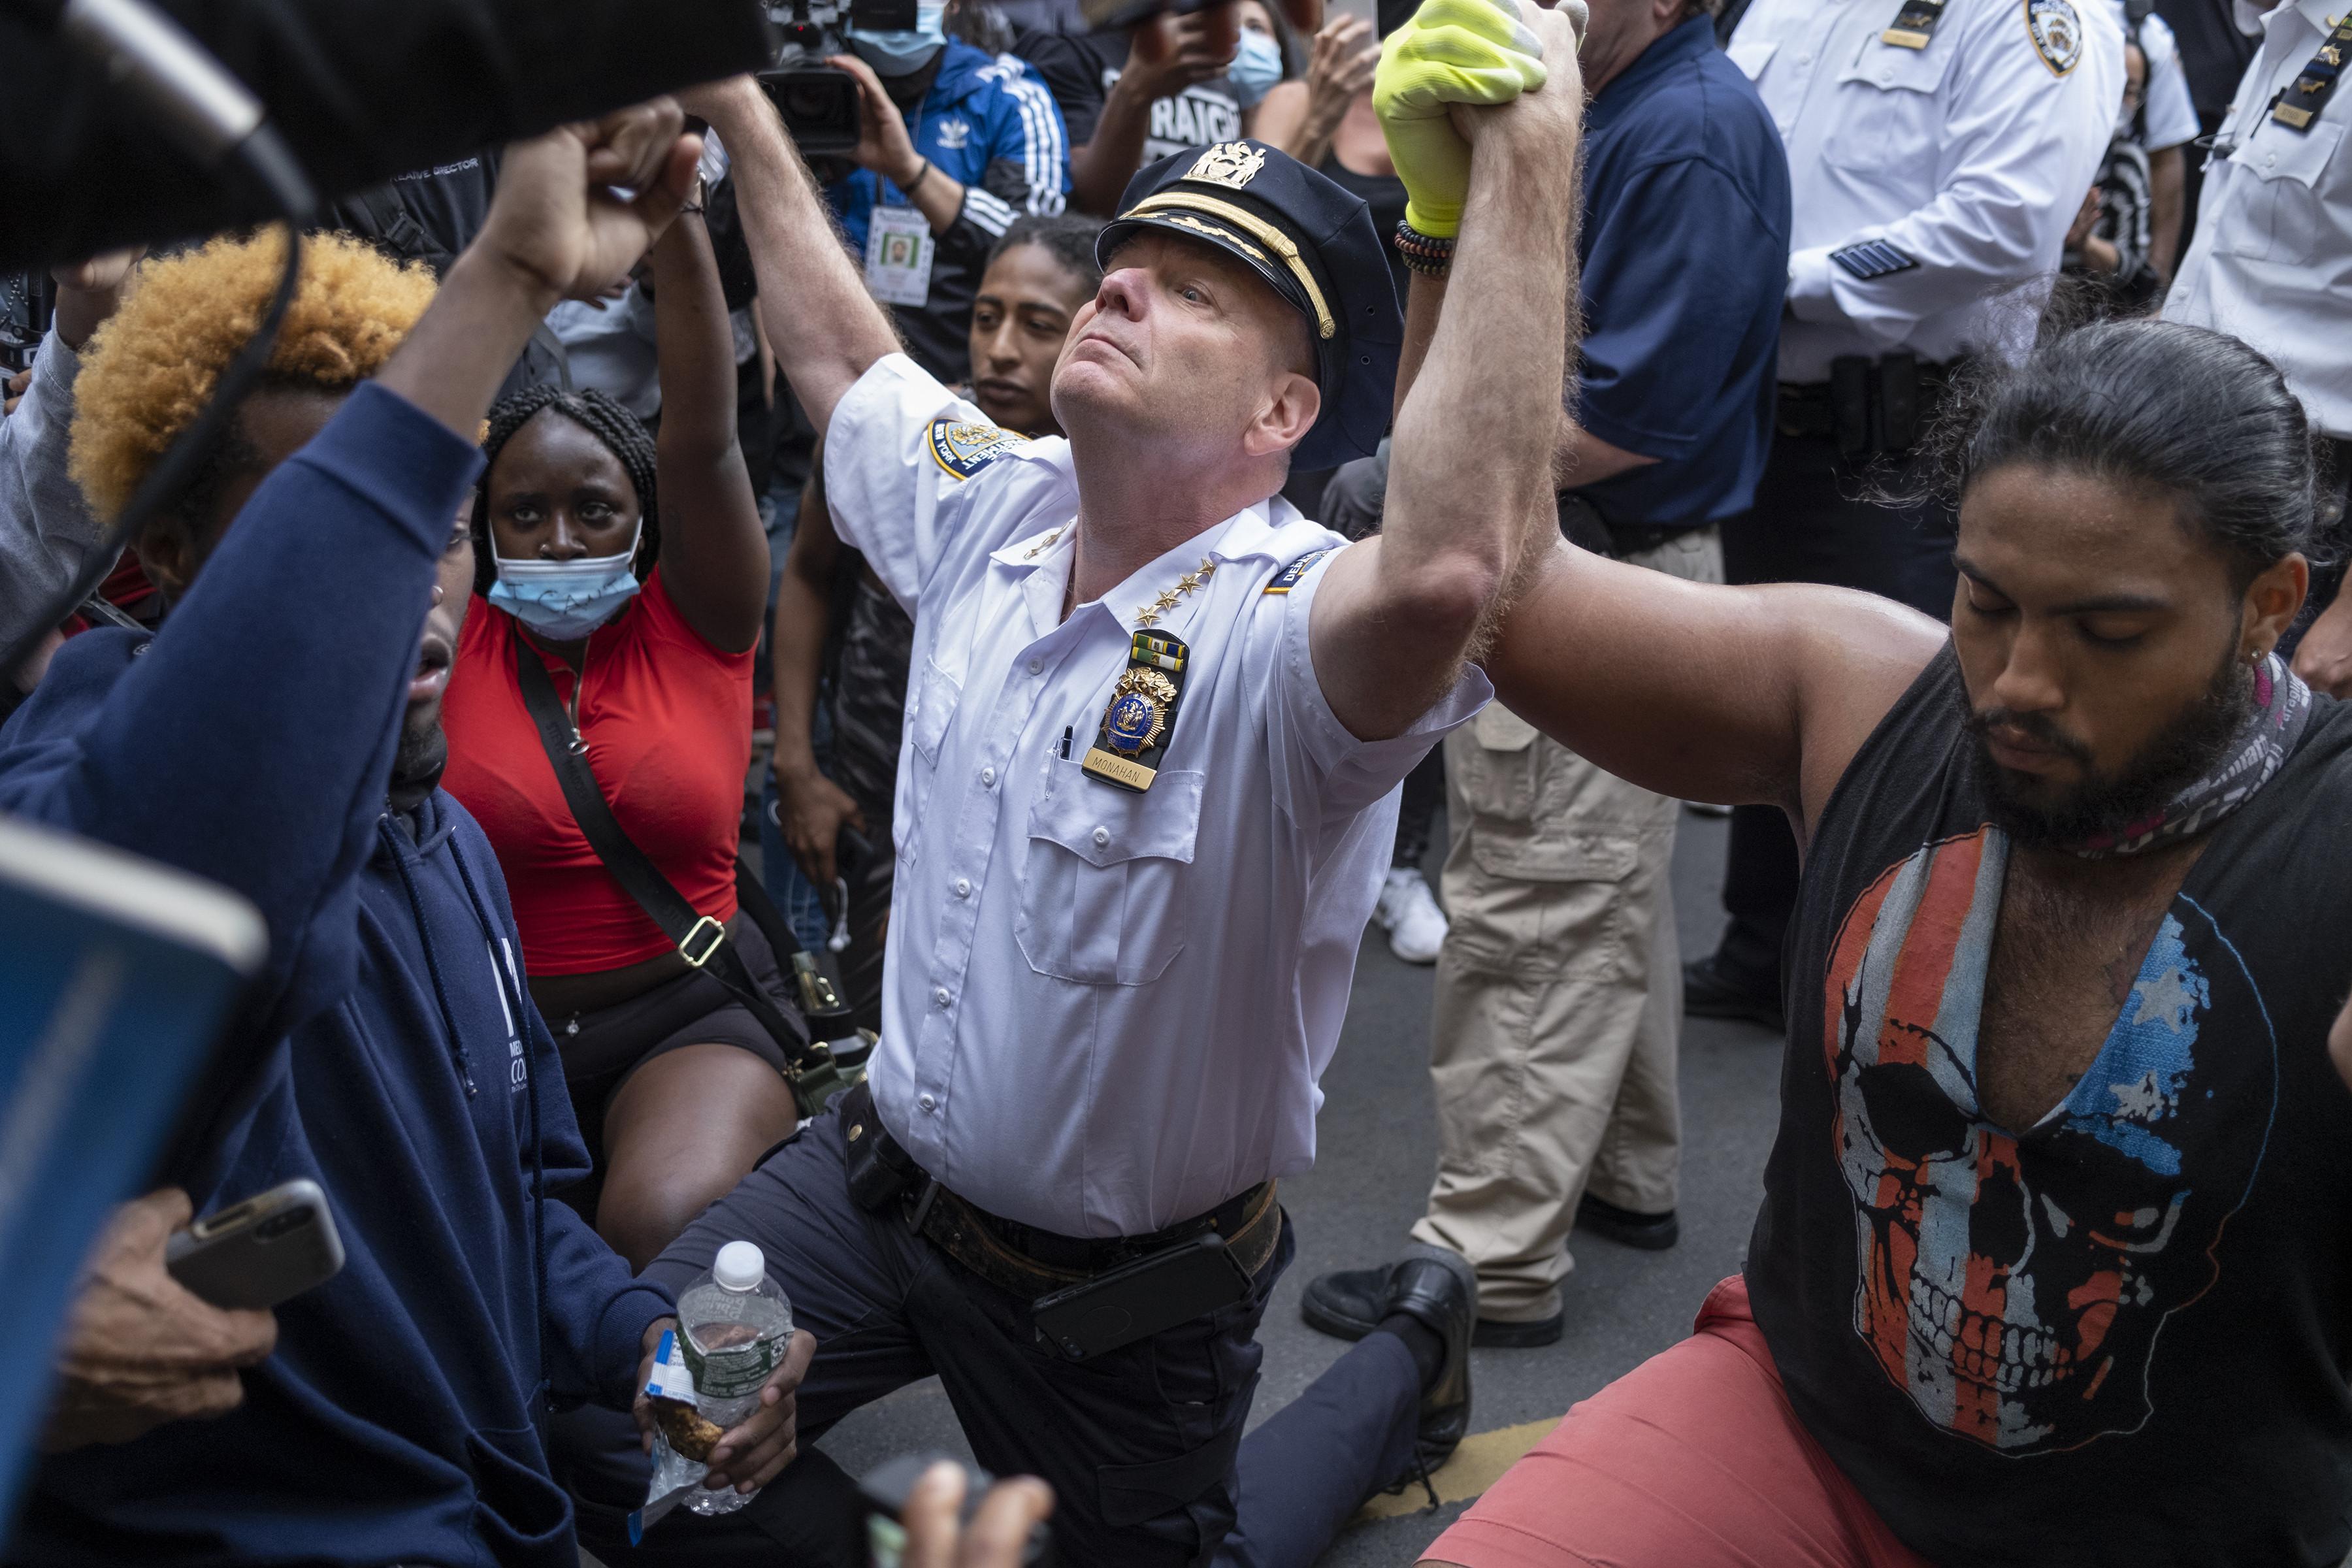 ▲▼聲援佛洛伊德抗議中,紐約市警局總警監Terence Monahan擁抱示威者。(圖/達志影像/美聯社)